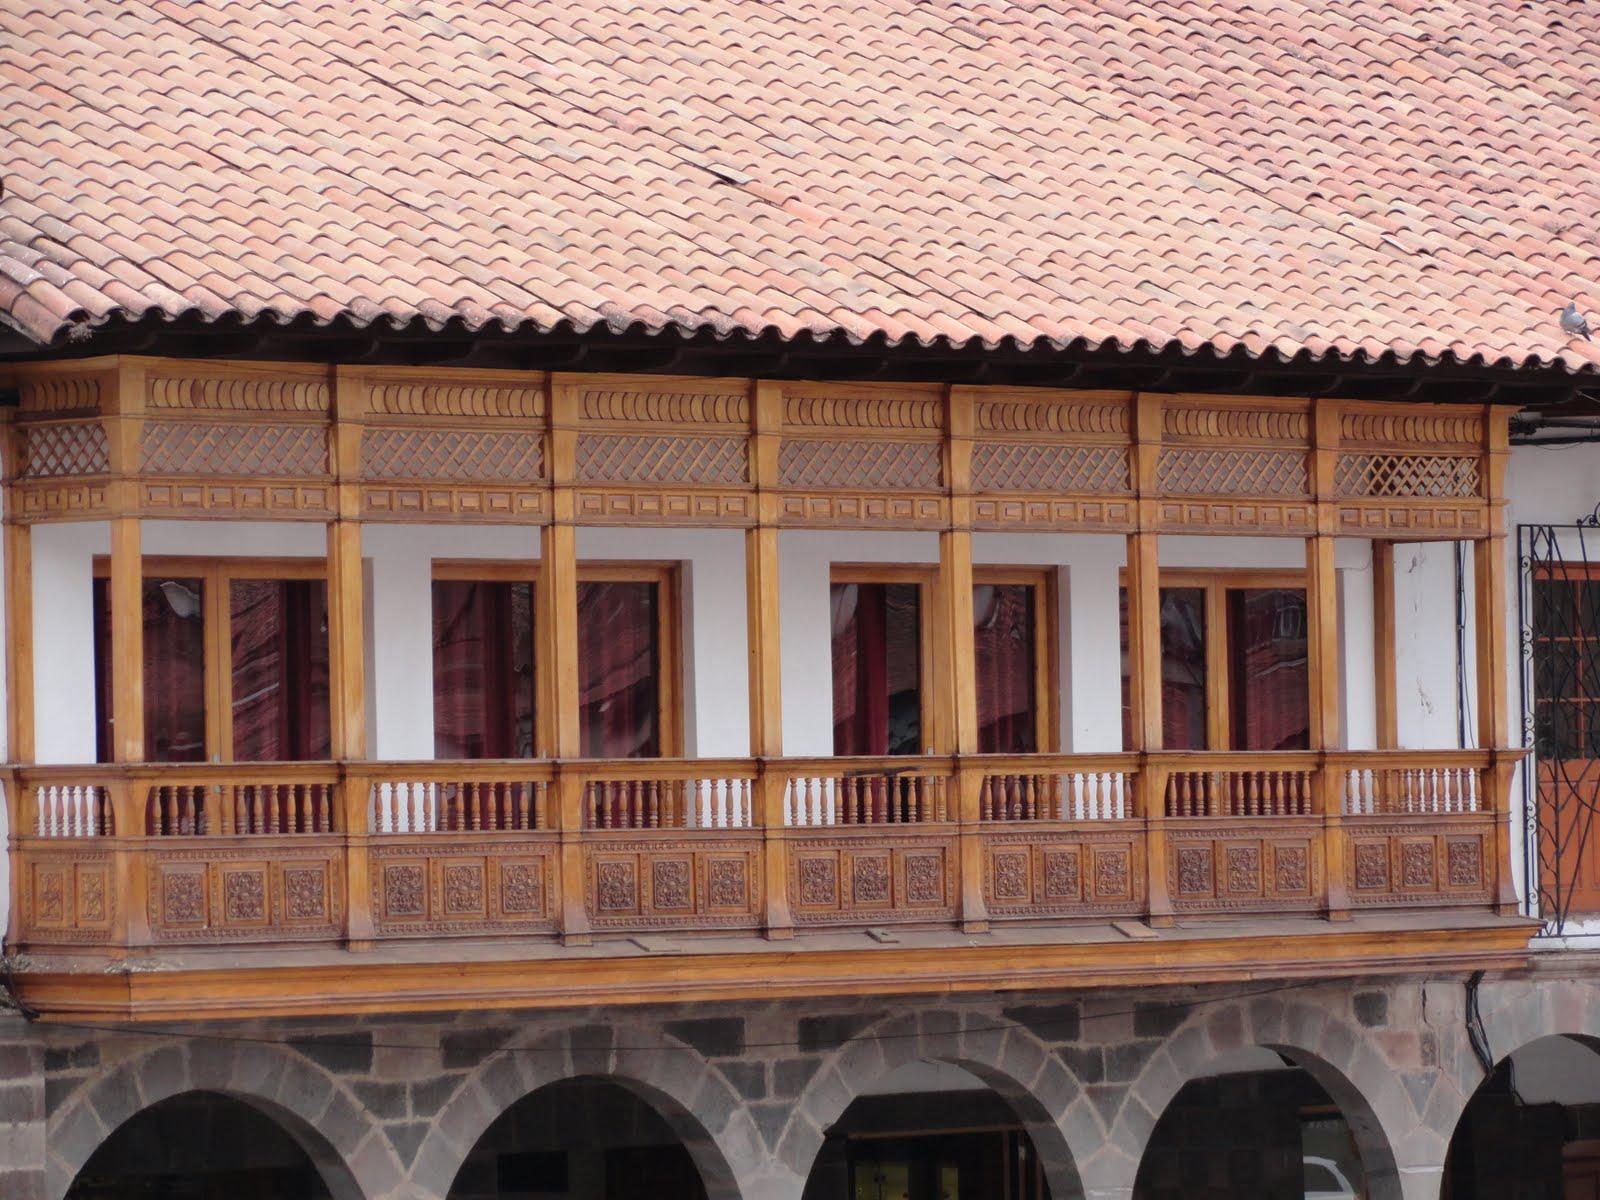 Viajes en moto en 15x30 cusco 6 de septiembre - Balcones de madera ...